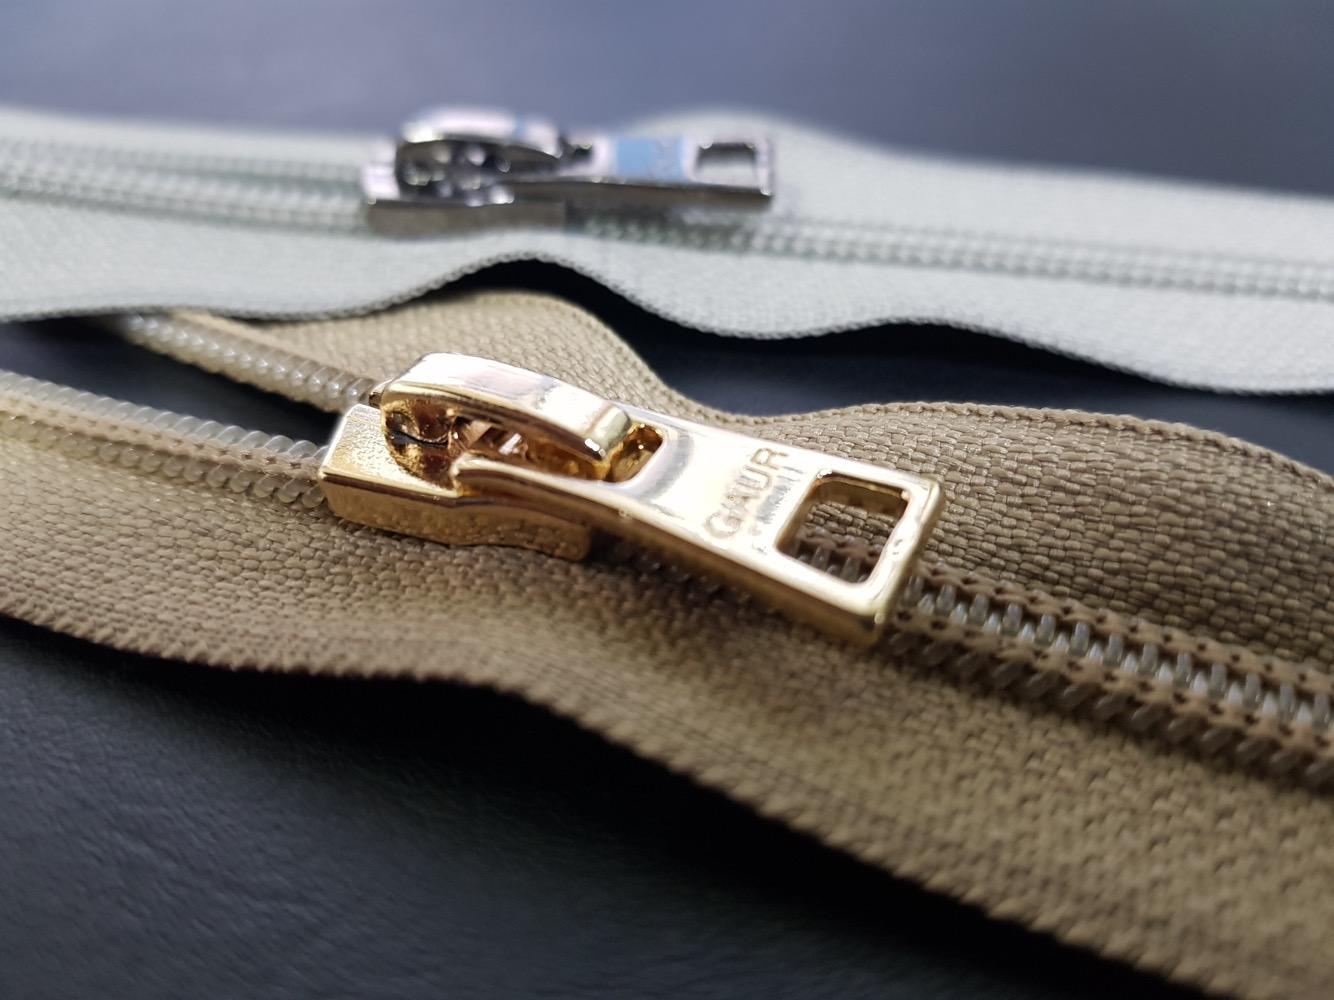 Zipper _CFS#5DP